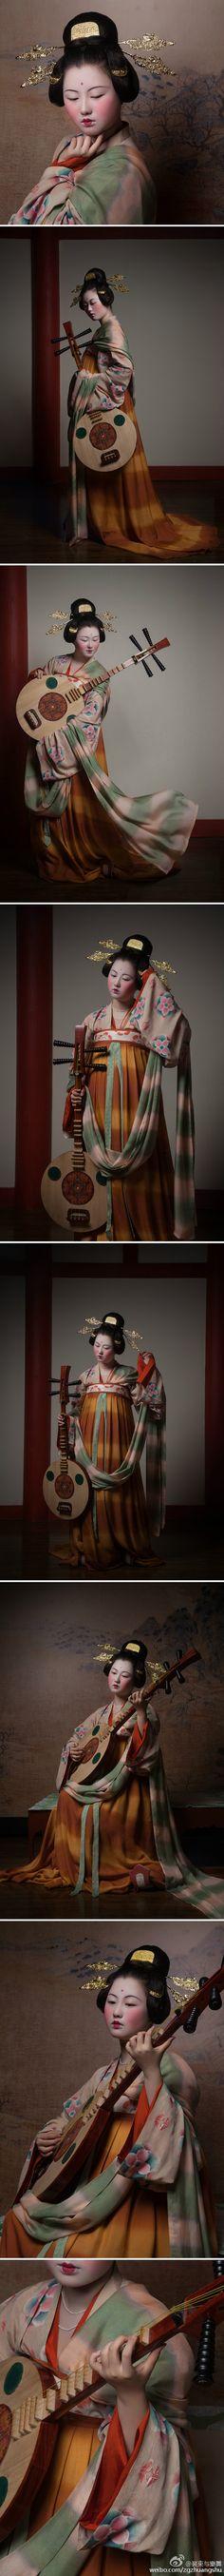 中国 晚唐 by 装束与乐舞